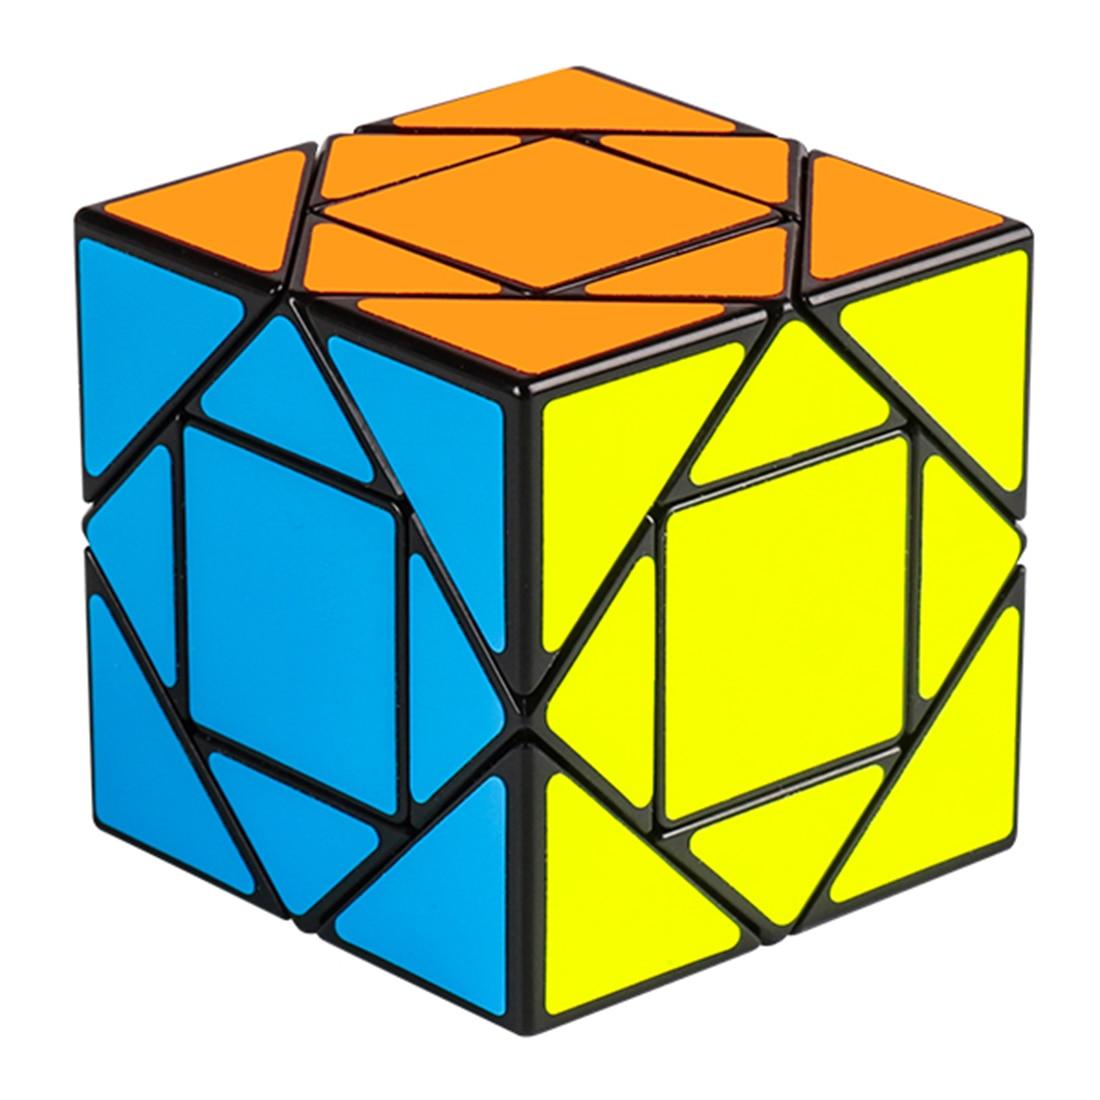 Surwish MF8847 Mofang Jiaoshi Pandora Magic Cube Educational Toys For Brain Trainning - Black